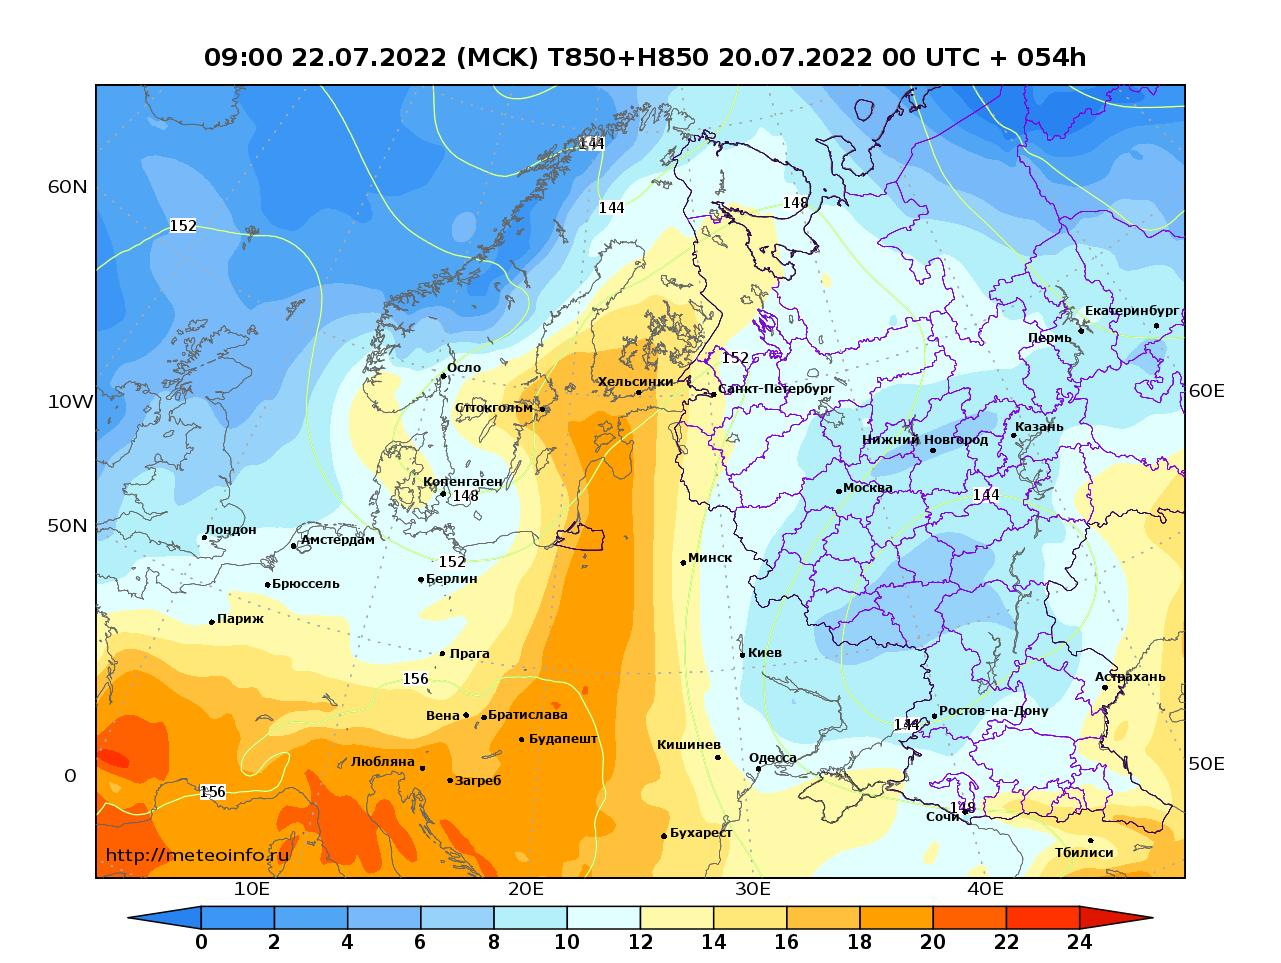 Европейская территория России, прогностическая карта температура T850 и геопотенциал H850, заблаговременность прогноза 54 часа